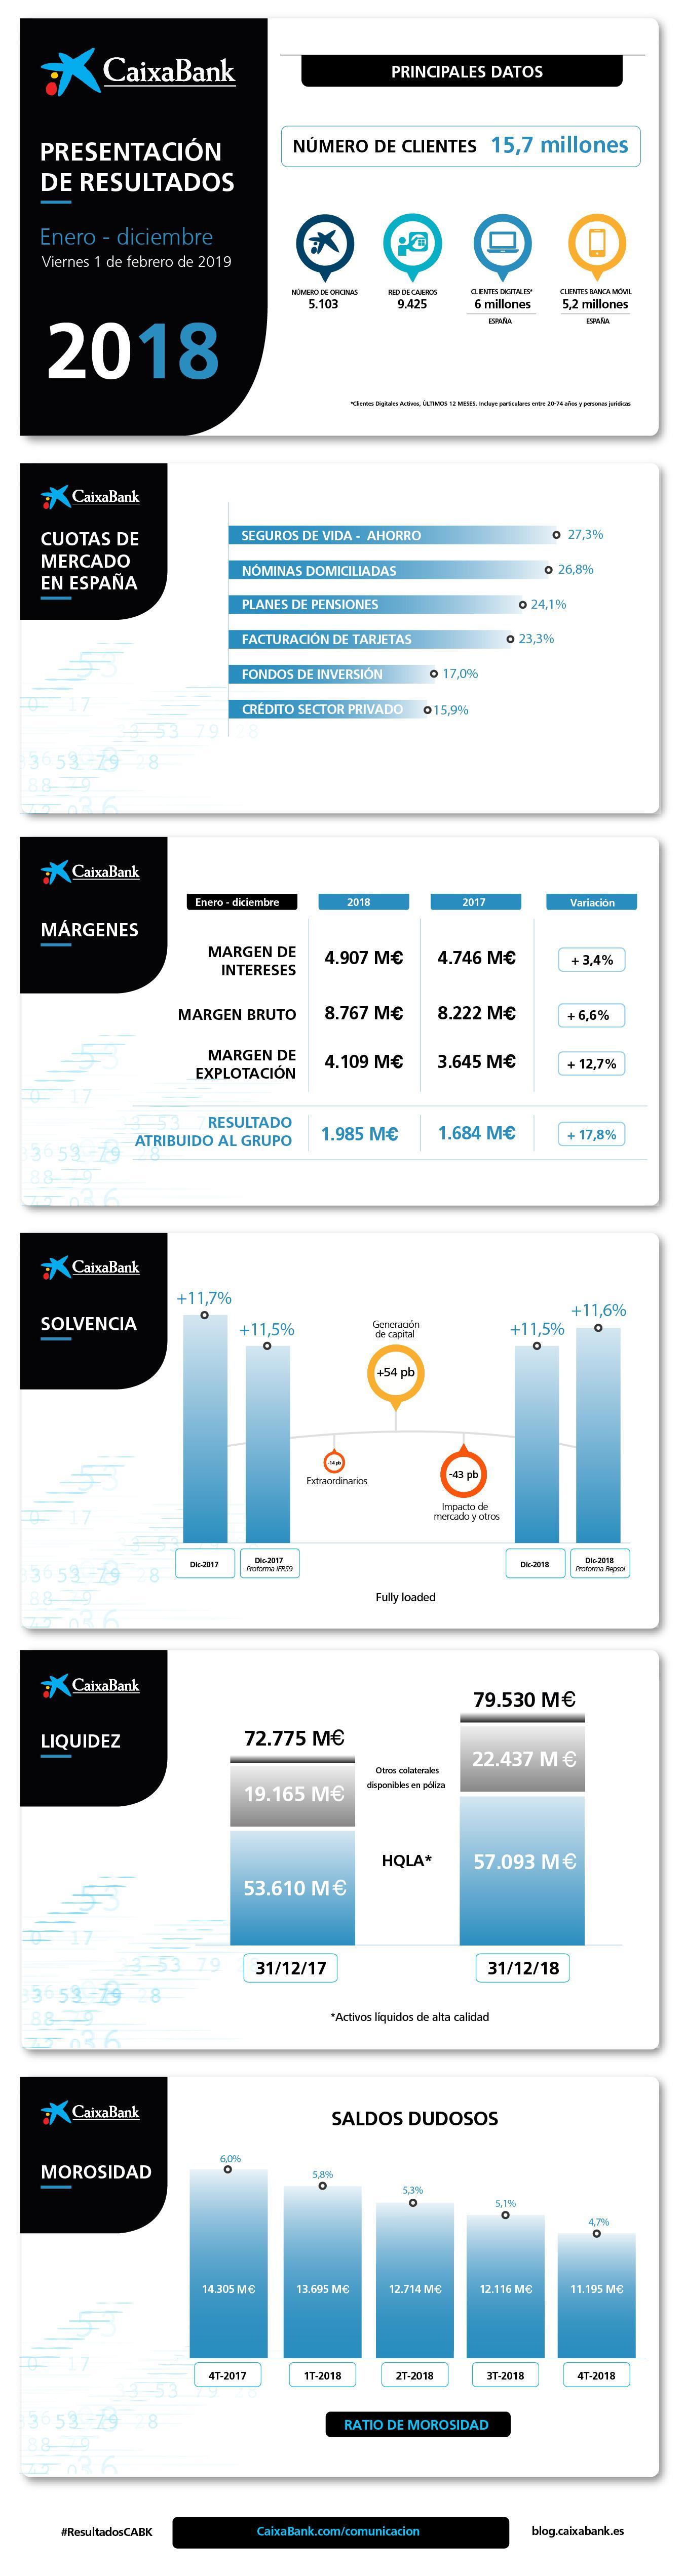 Infografía con los resultados de CaixaBank 2018 3bc2dbe6036